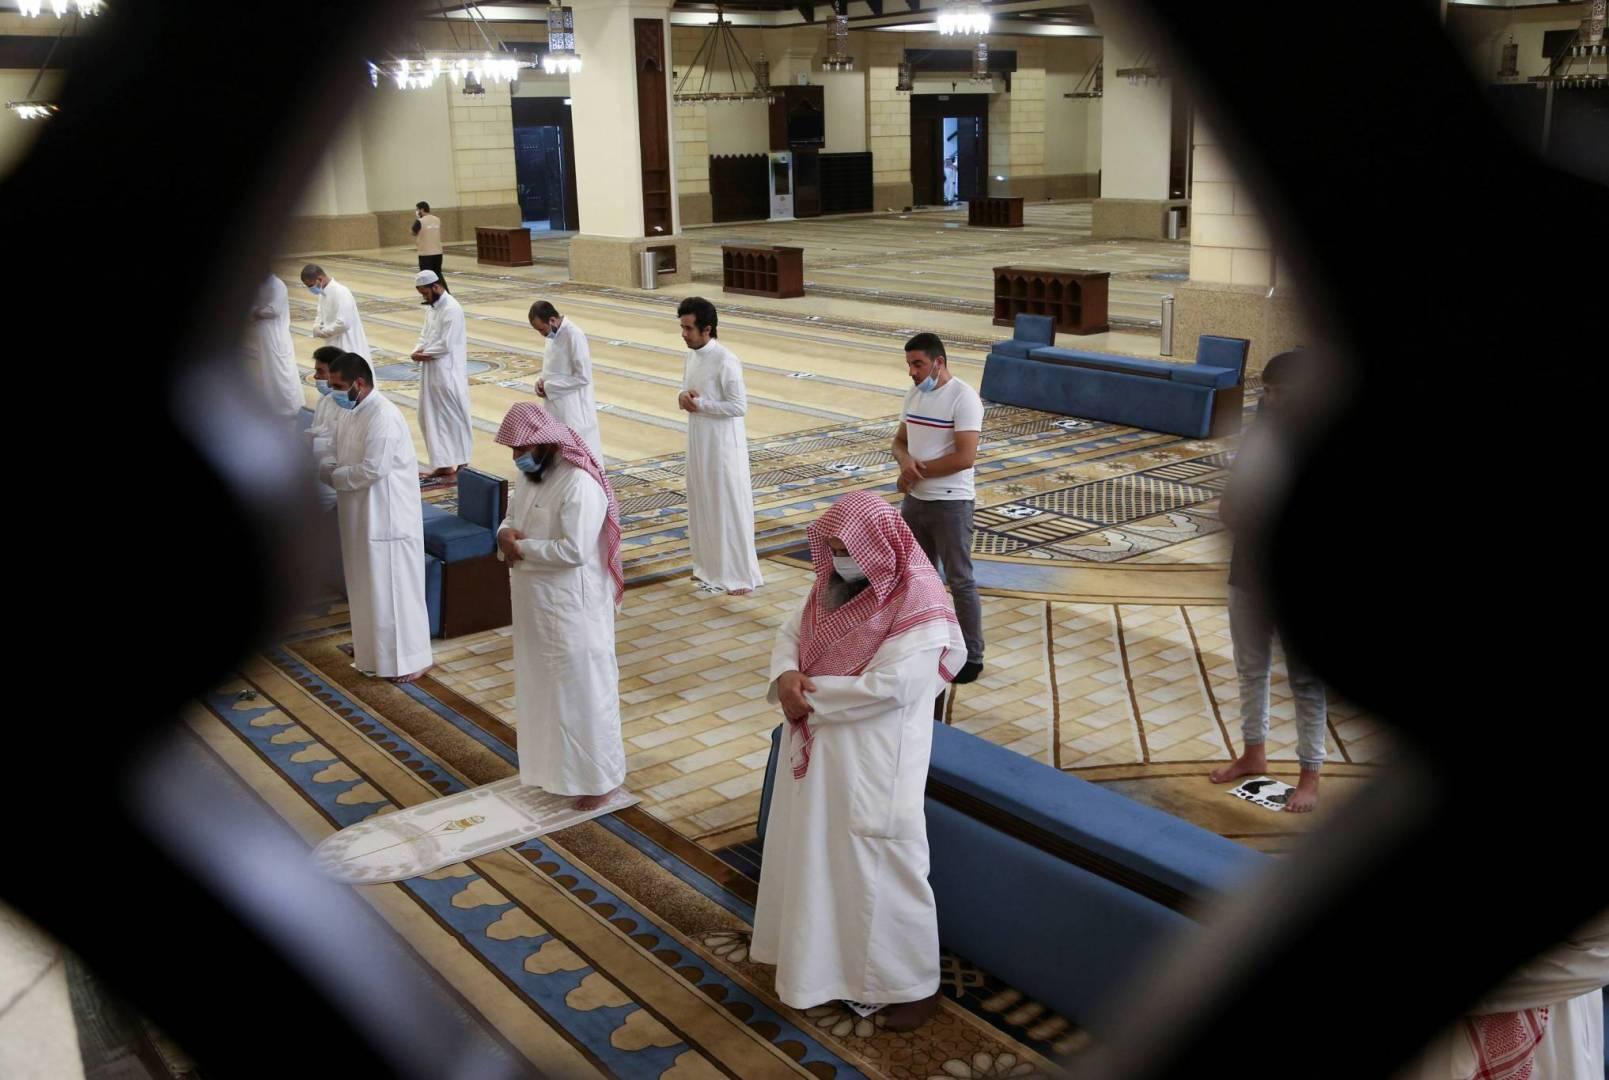 السعودية تعيد فتح المساجد للمصلين.. للمرة الأولى منذ شهرين